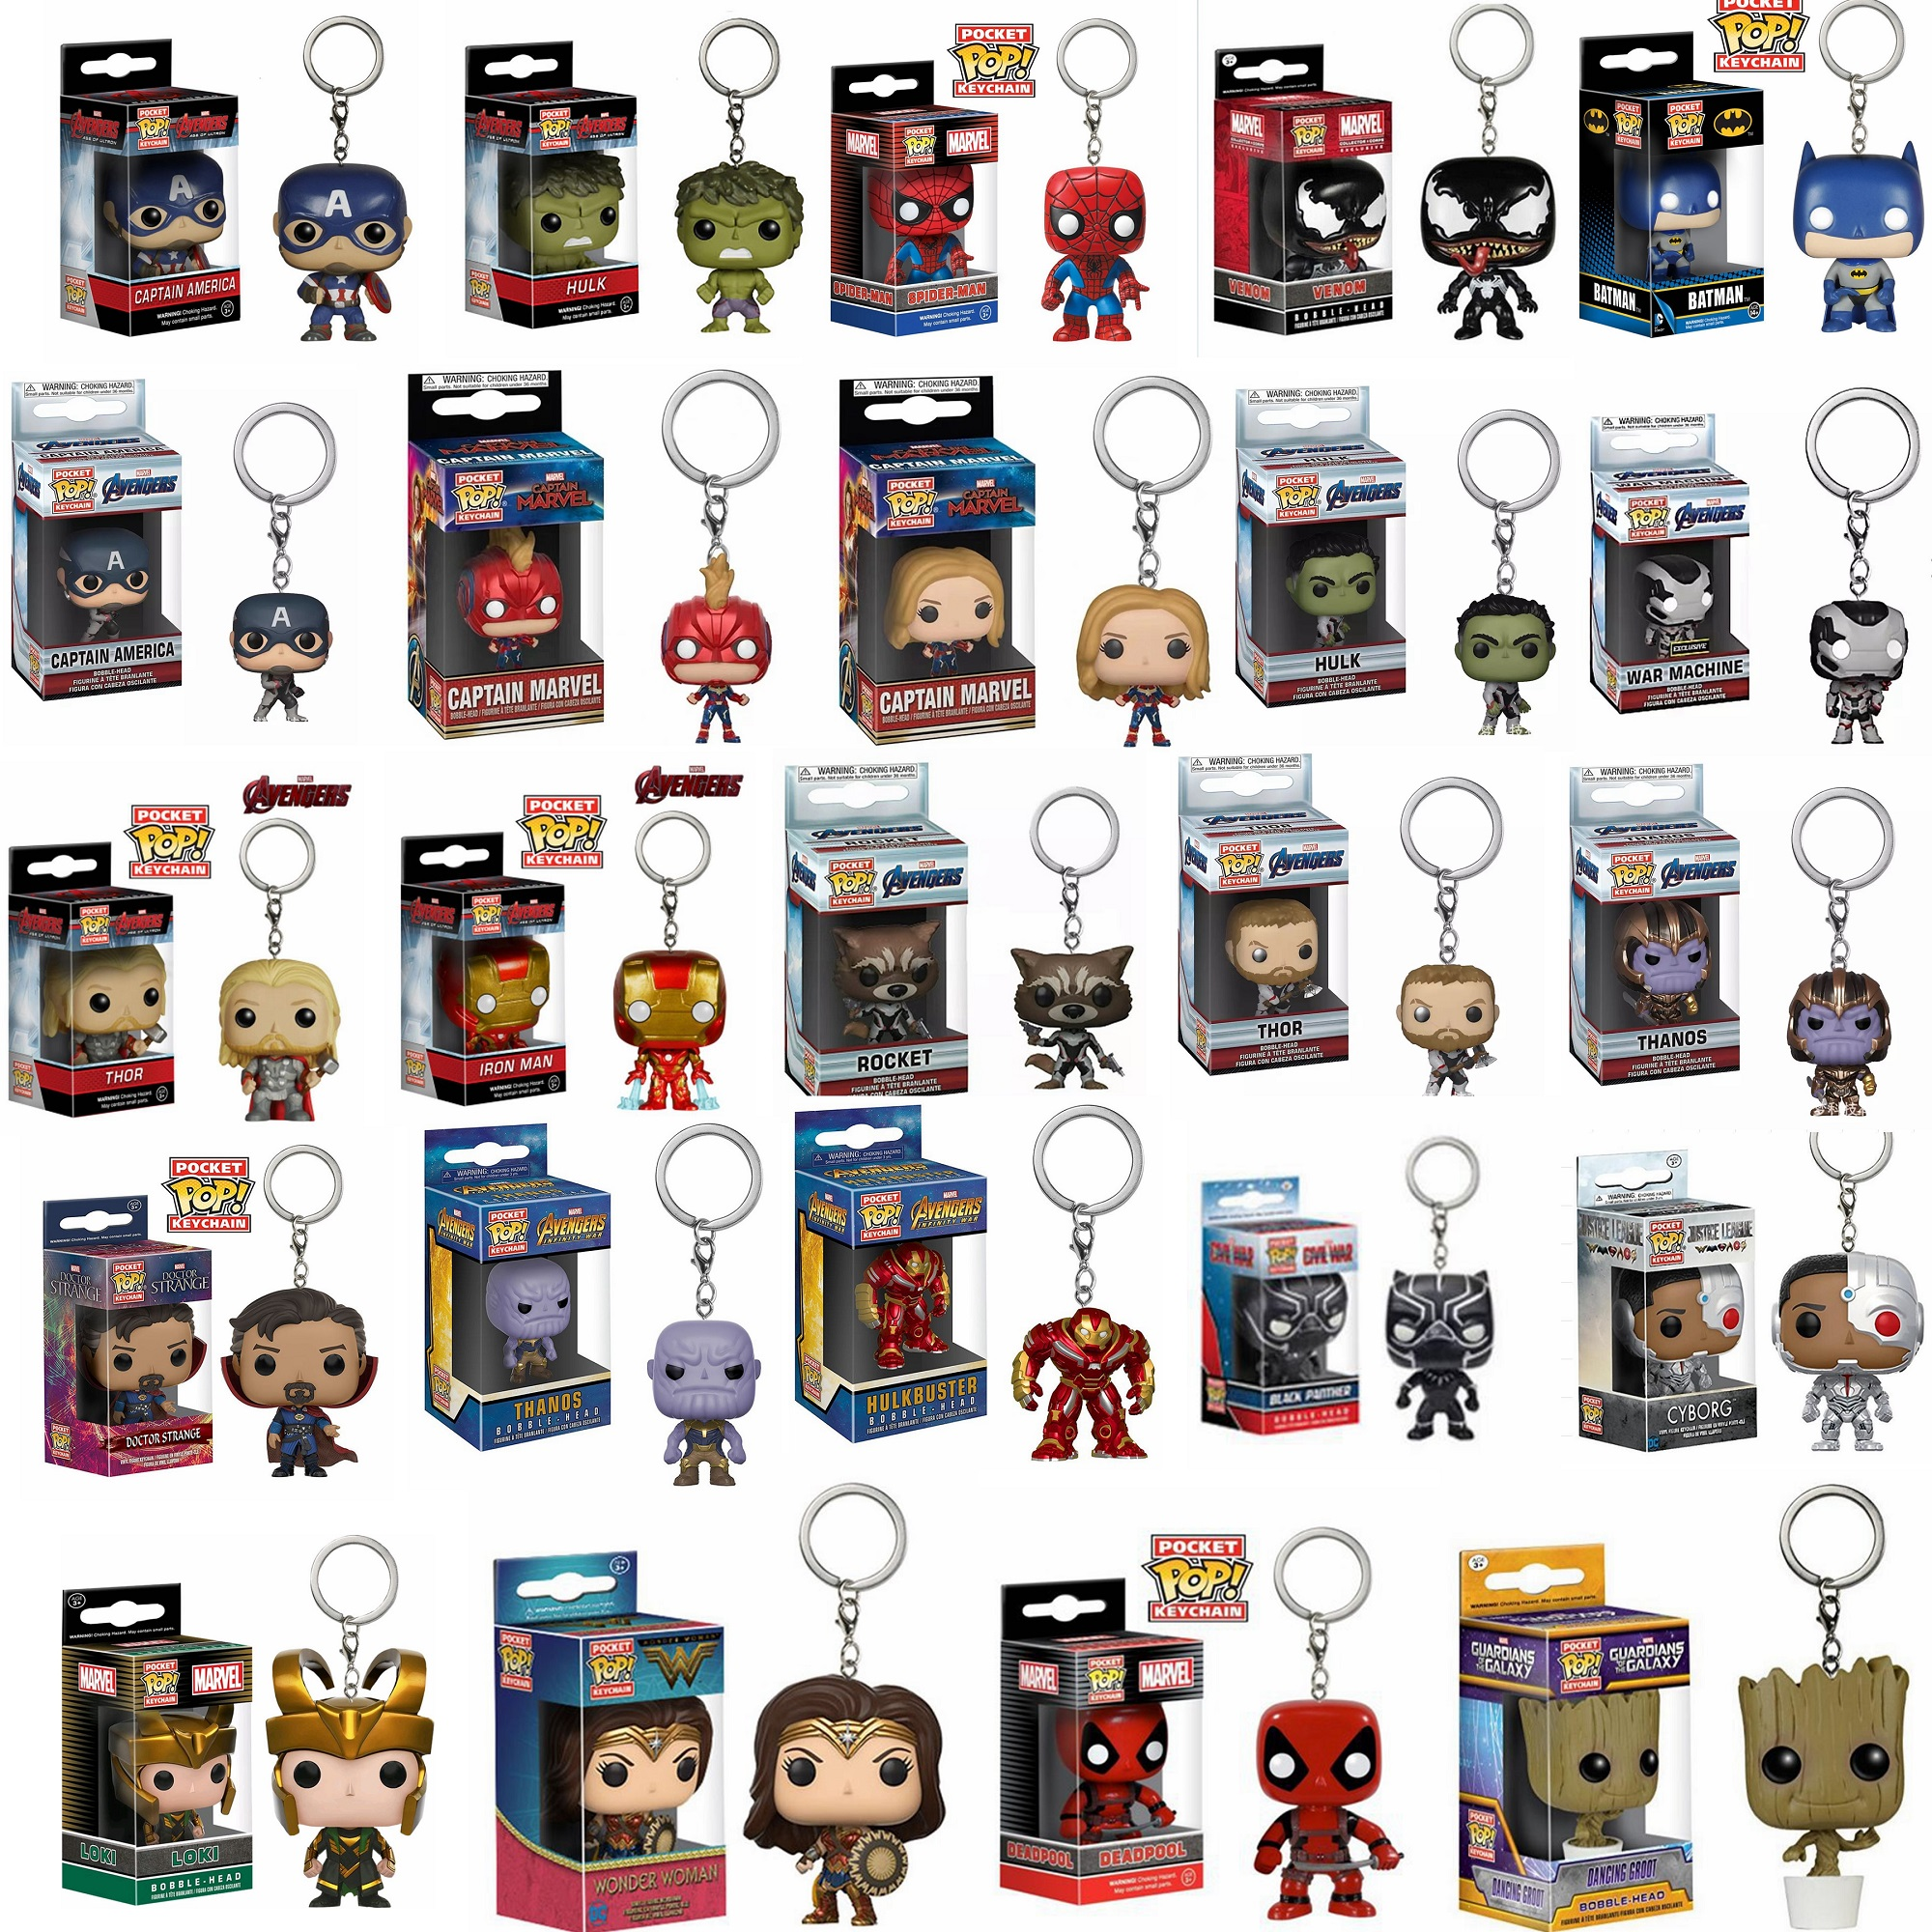 FUNKO POP Avengers 4: Endgame Captain Marvel Venom Deadpool Iron Man Keychain Action Figures Toys For Children Christmas Gift